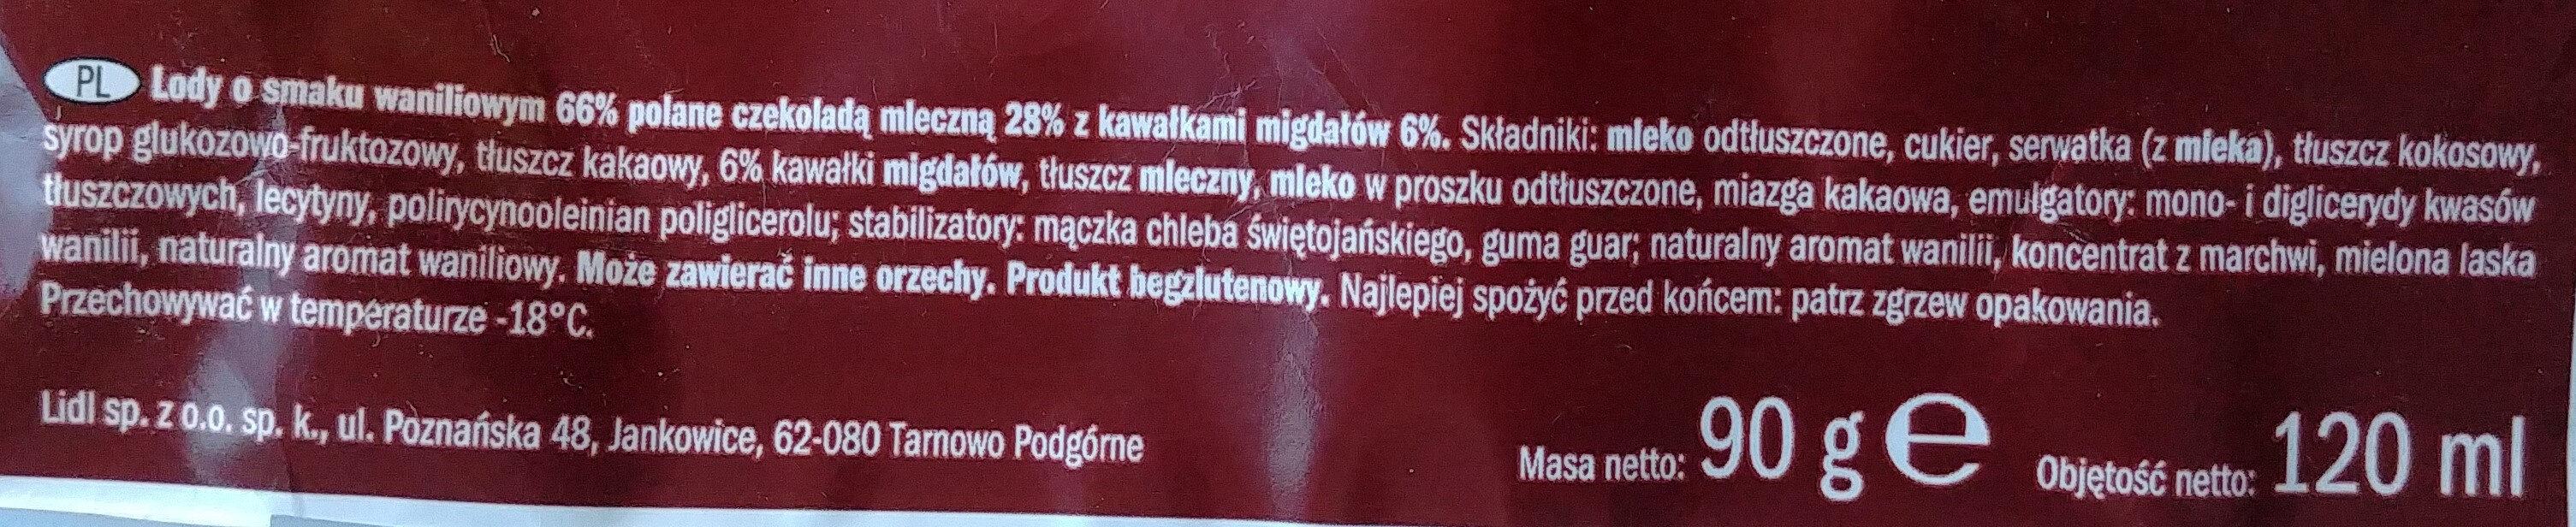 Almond, Lody o smaku waniliowym 66% polane czekoladą mleczną 28% z kawałkami migdałów 6%. - Składniki - pl